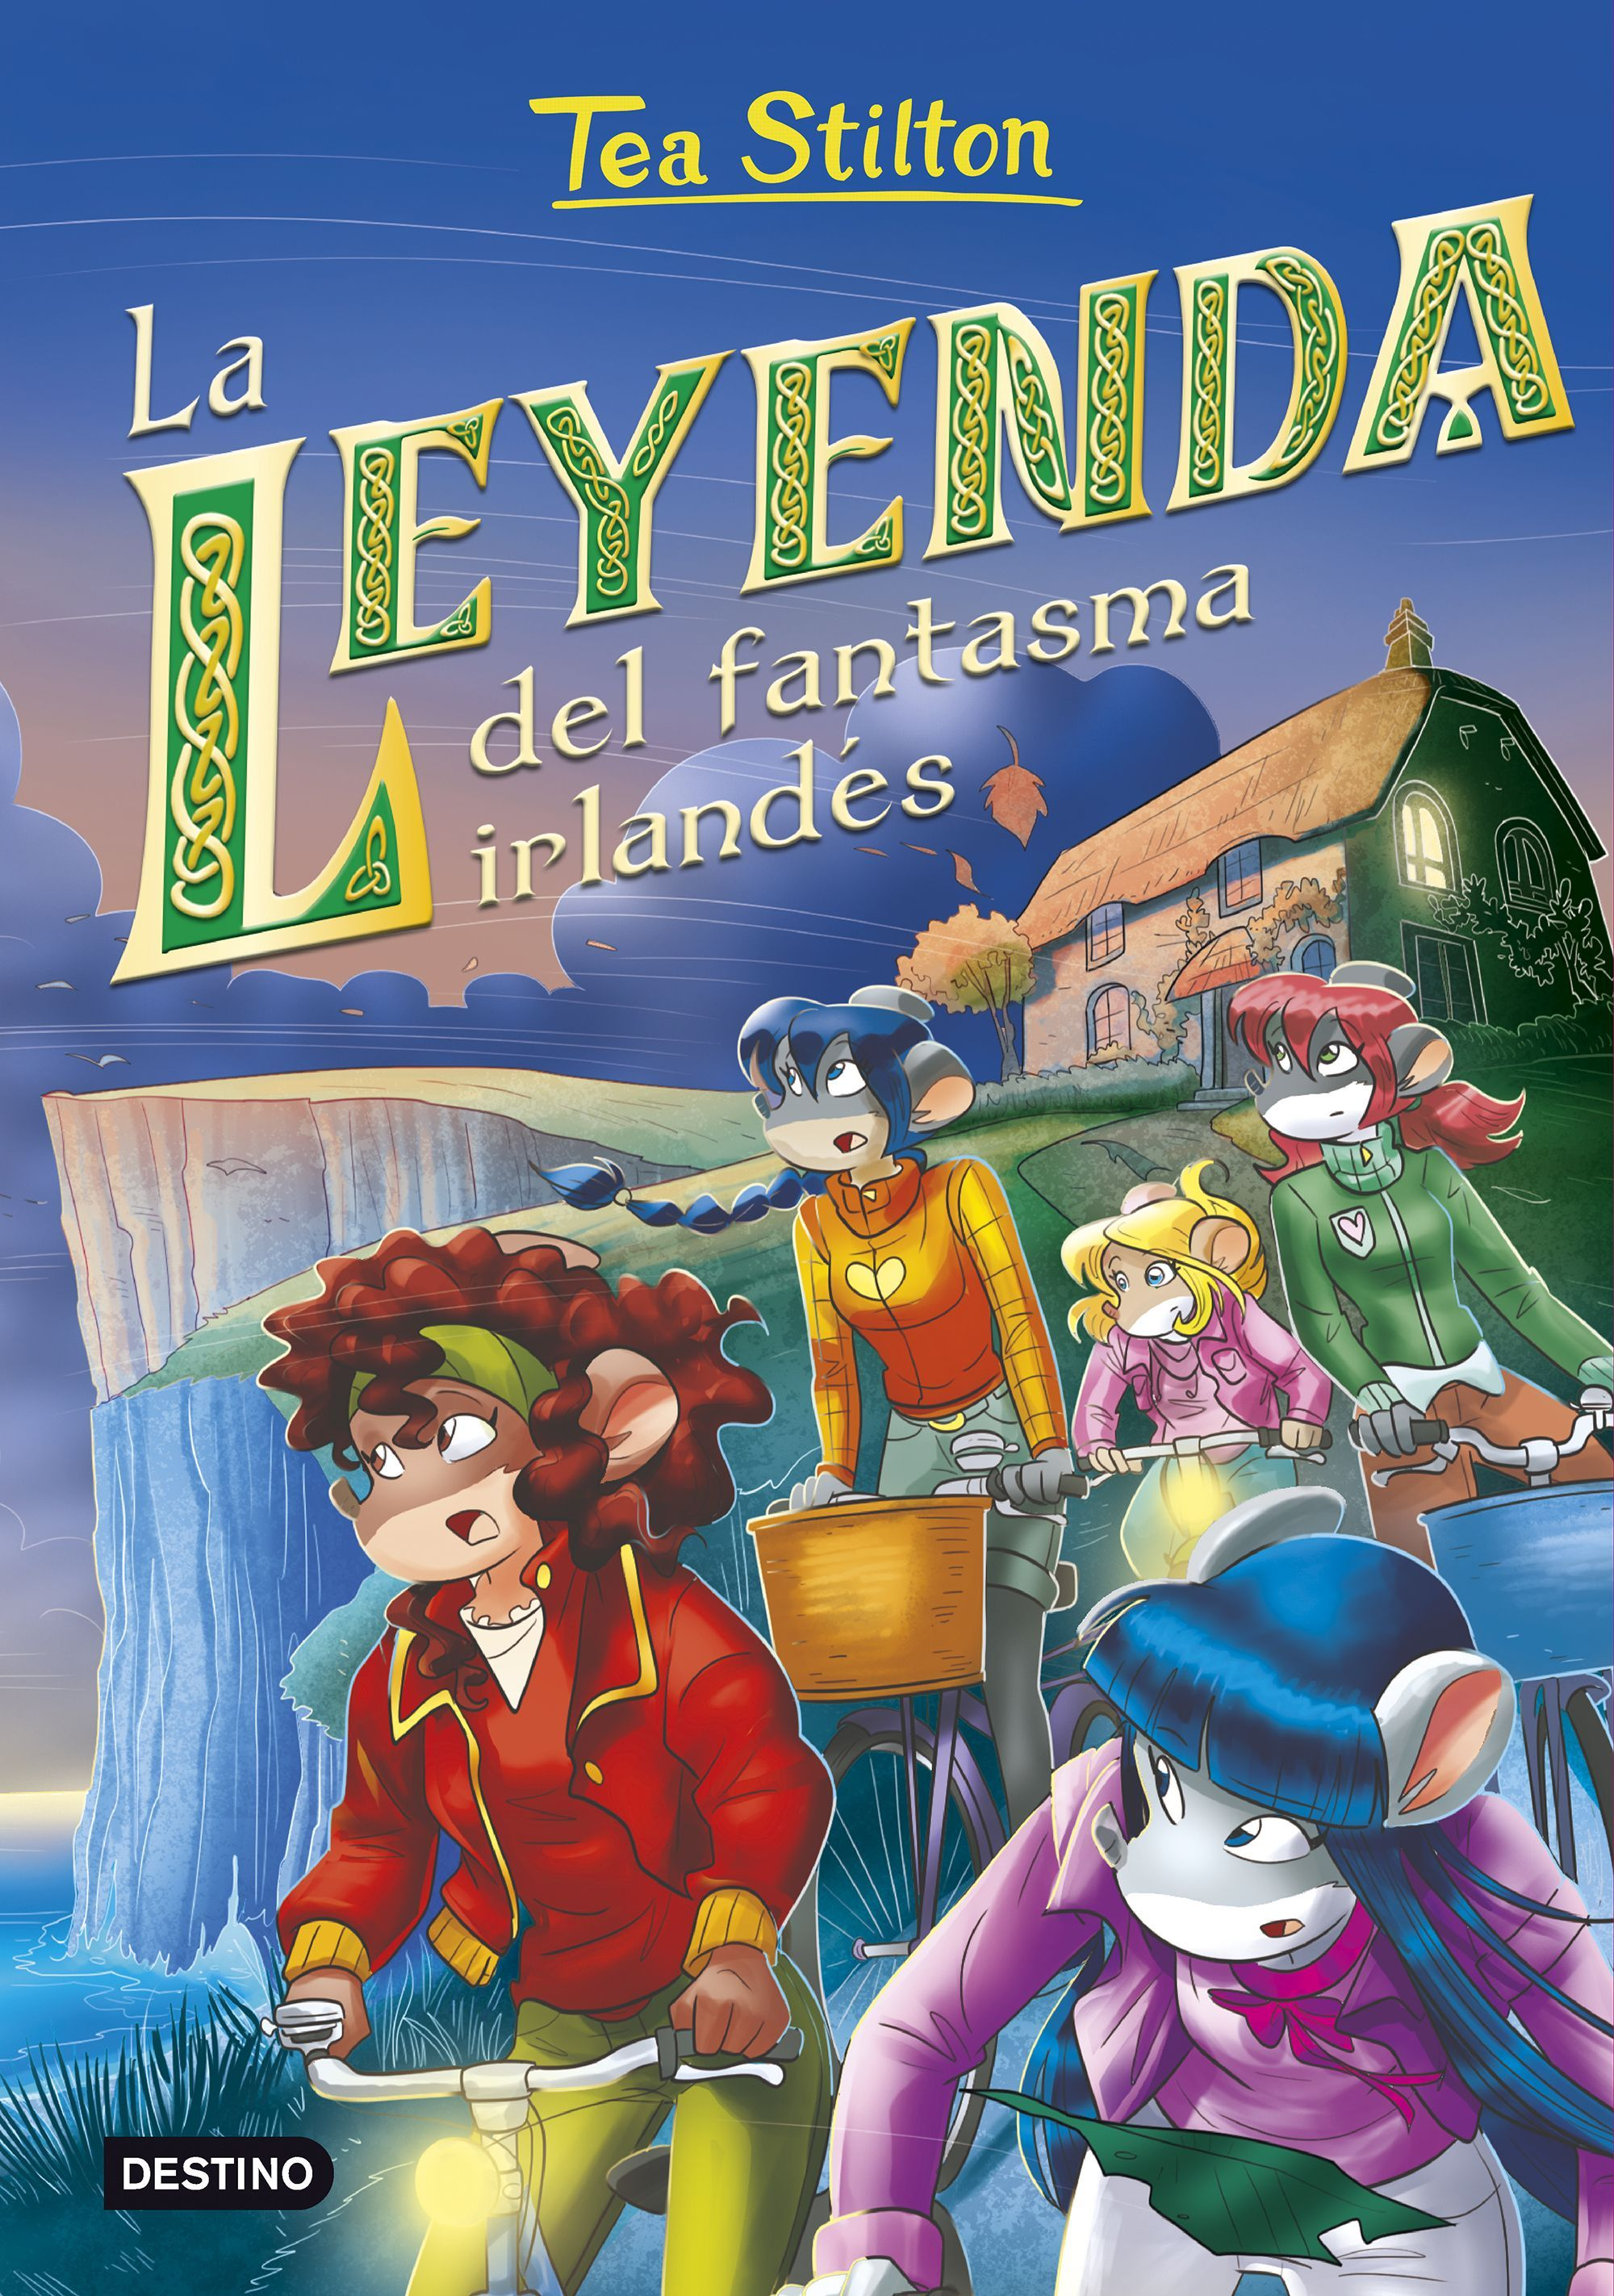 TEA STILTON 41 LA LEYENDA DEL FANTASMA IRLANDES